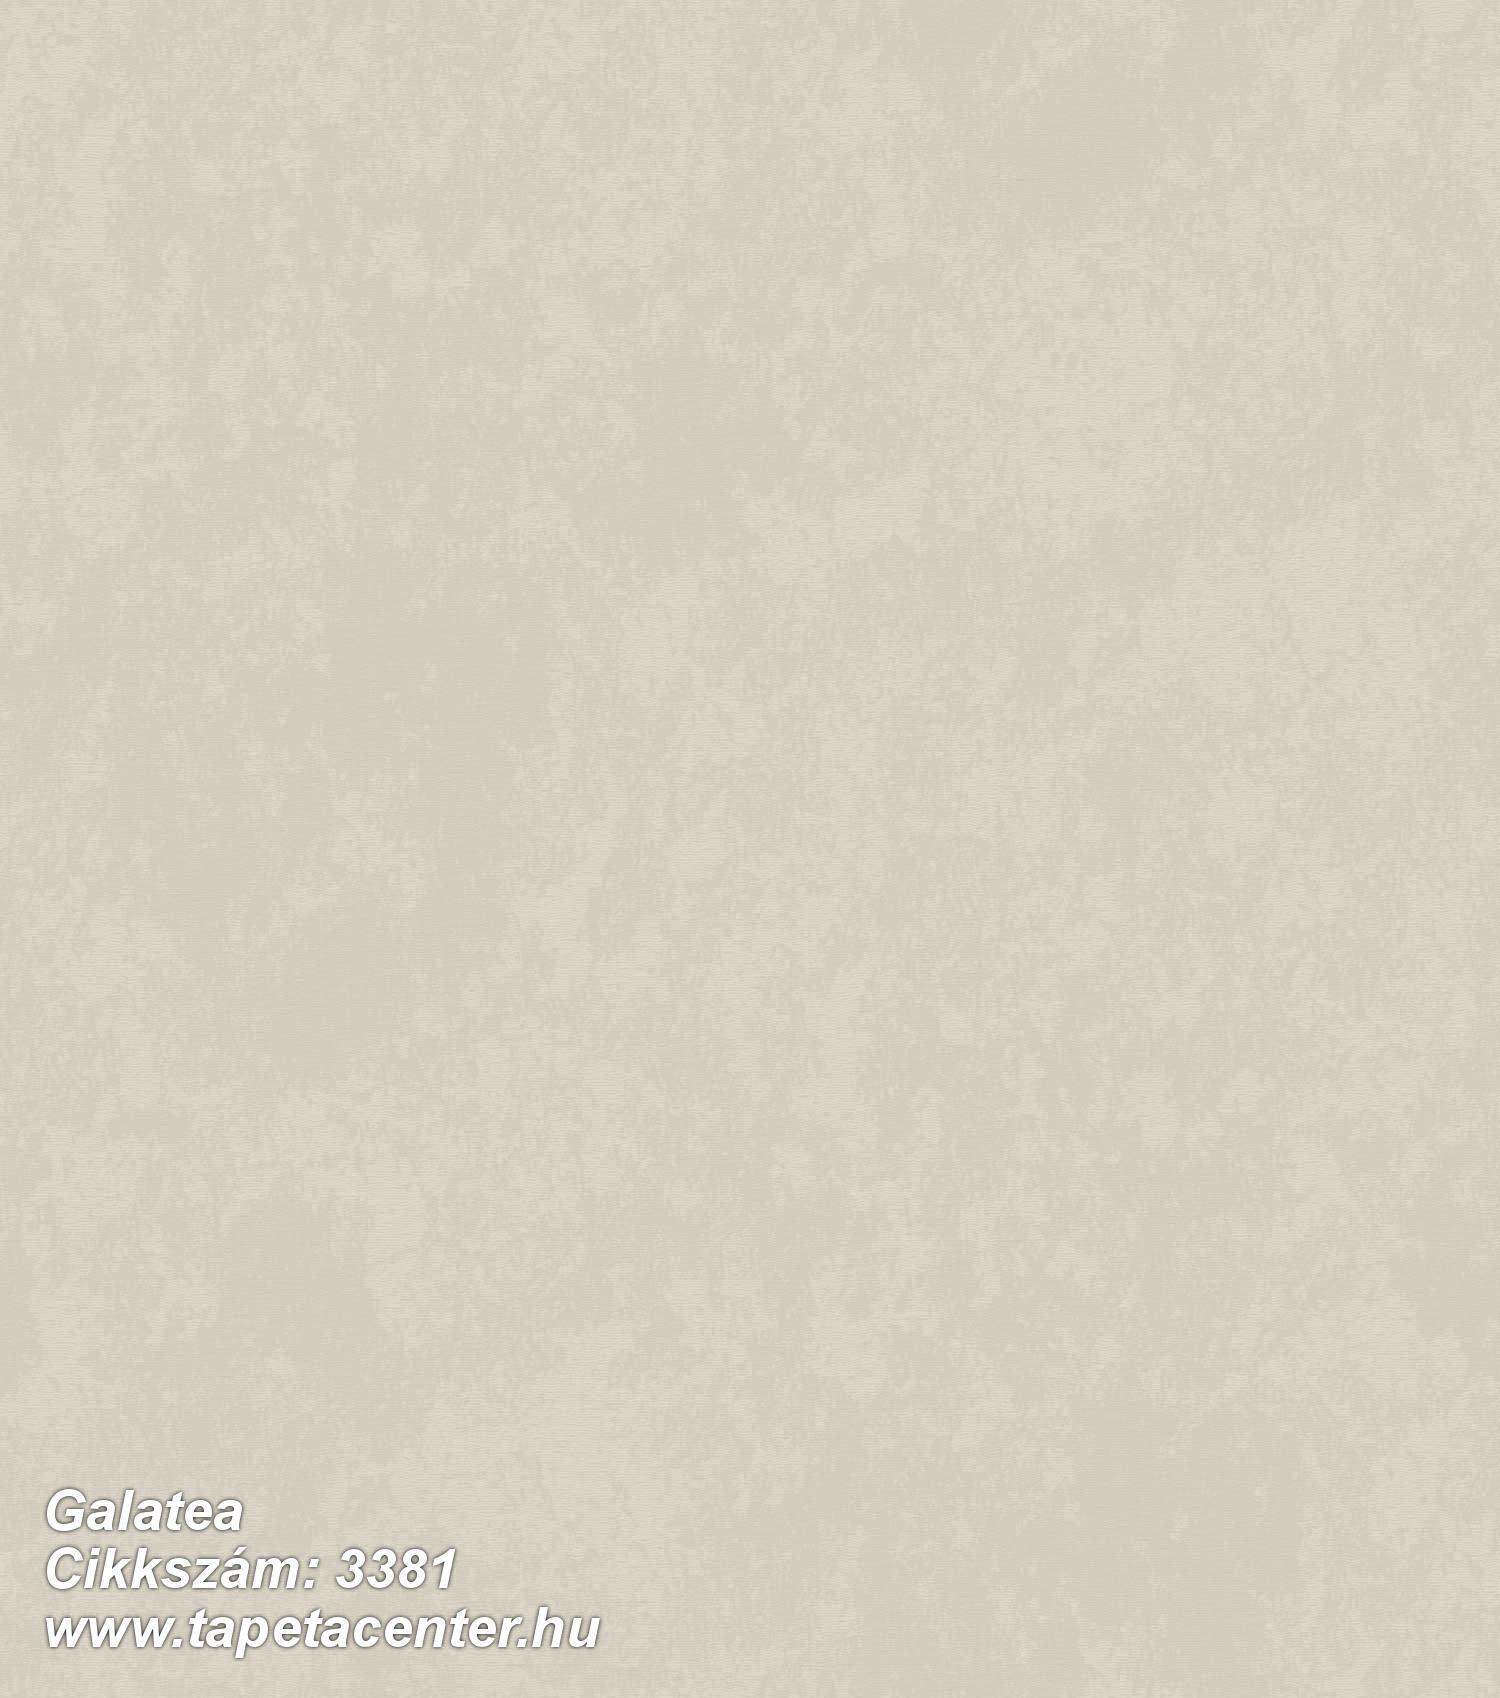 Galatea - 3381 Olasz tapéta